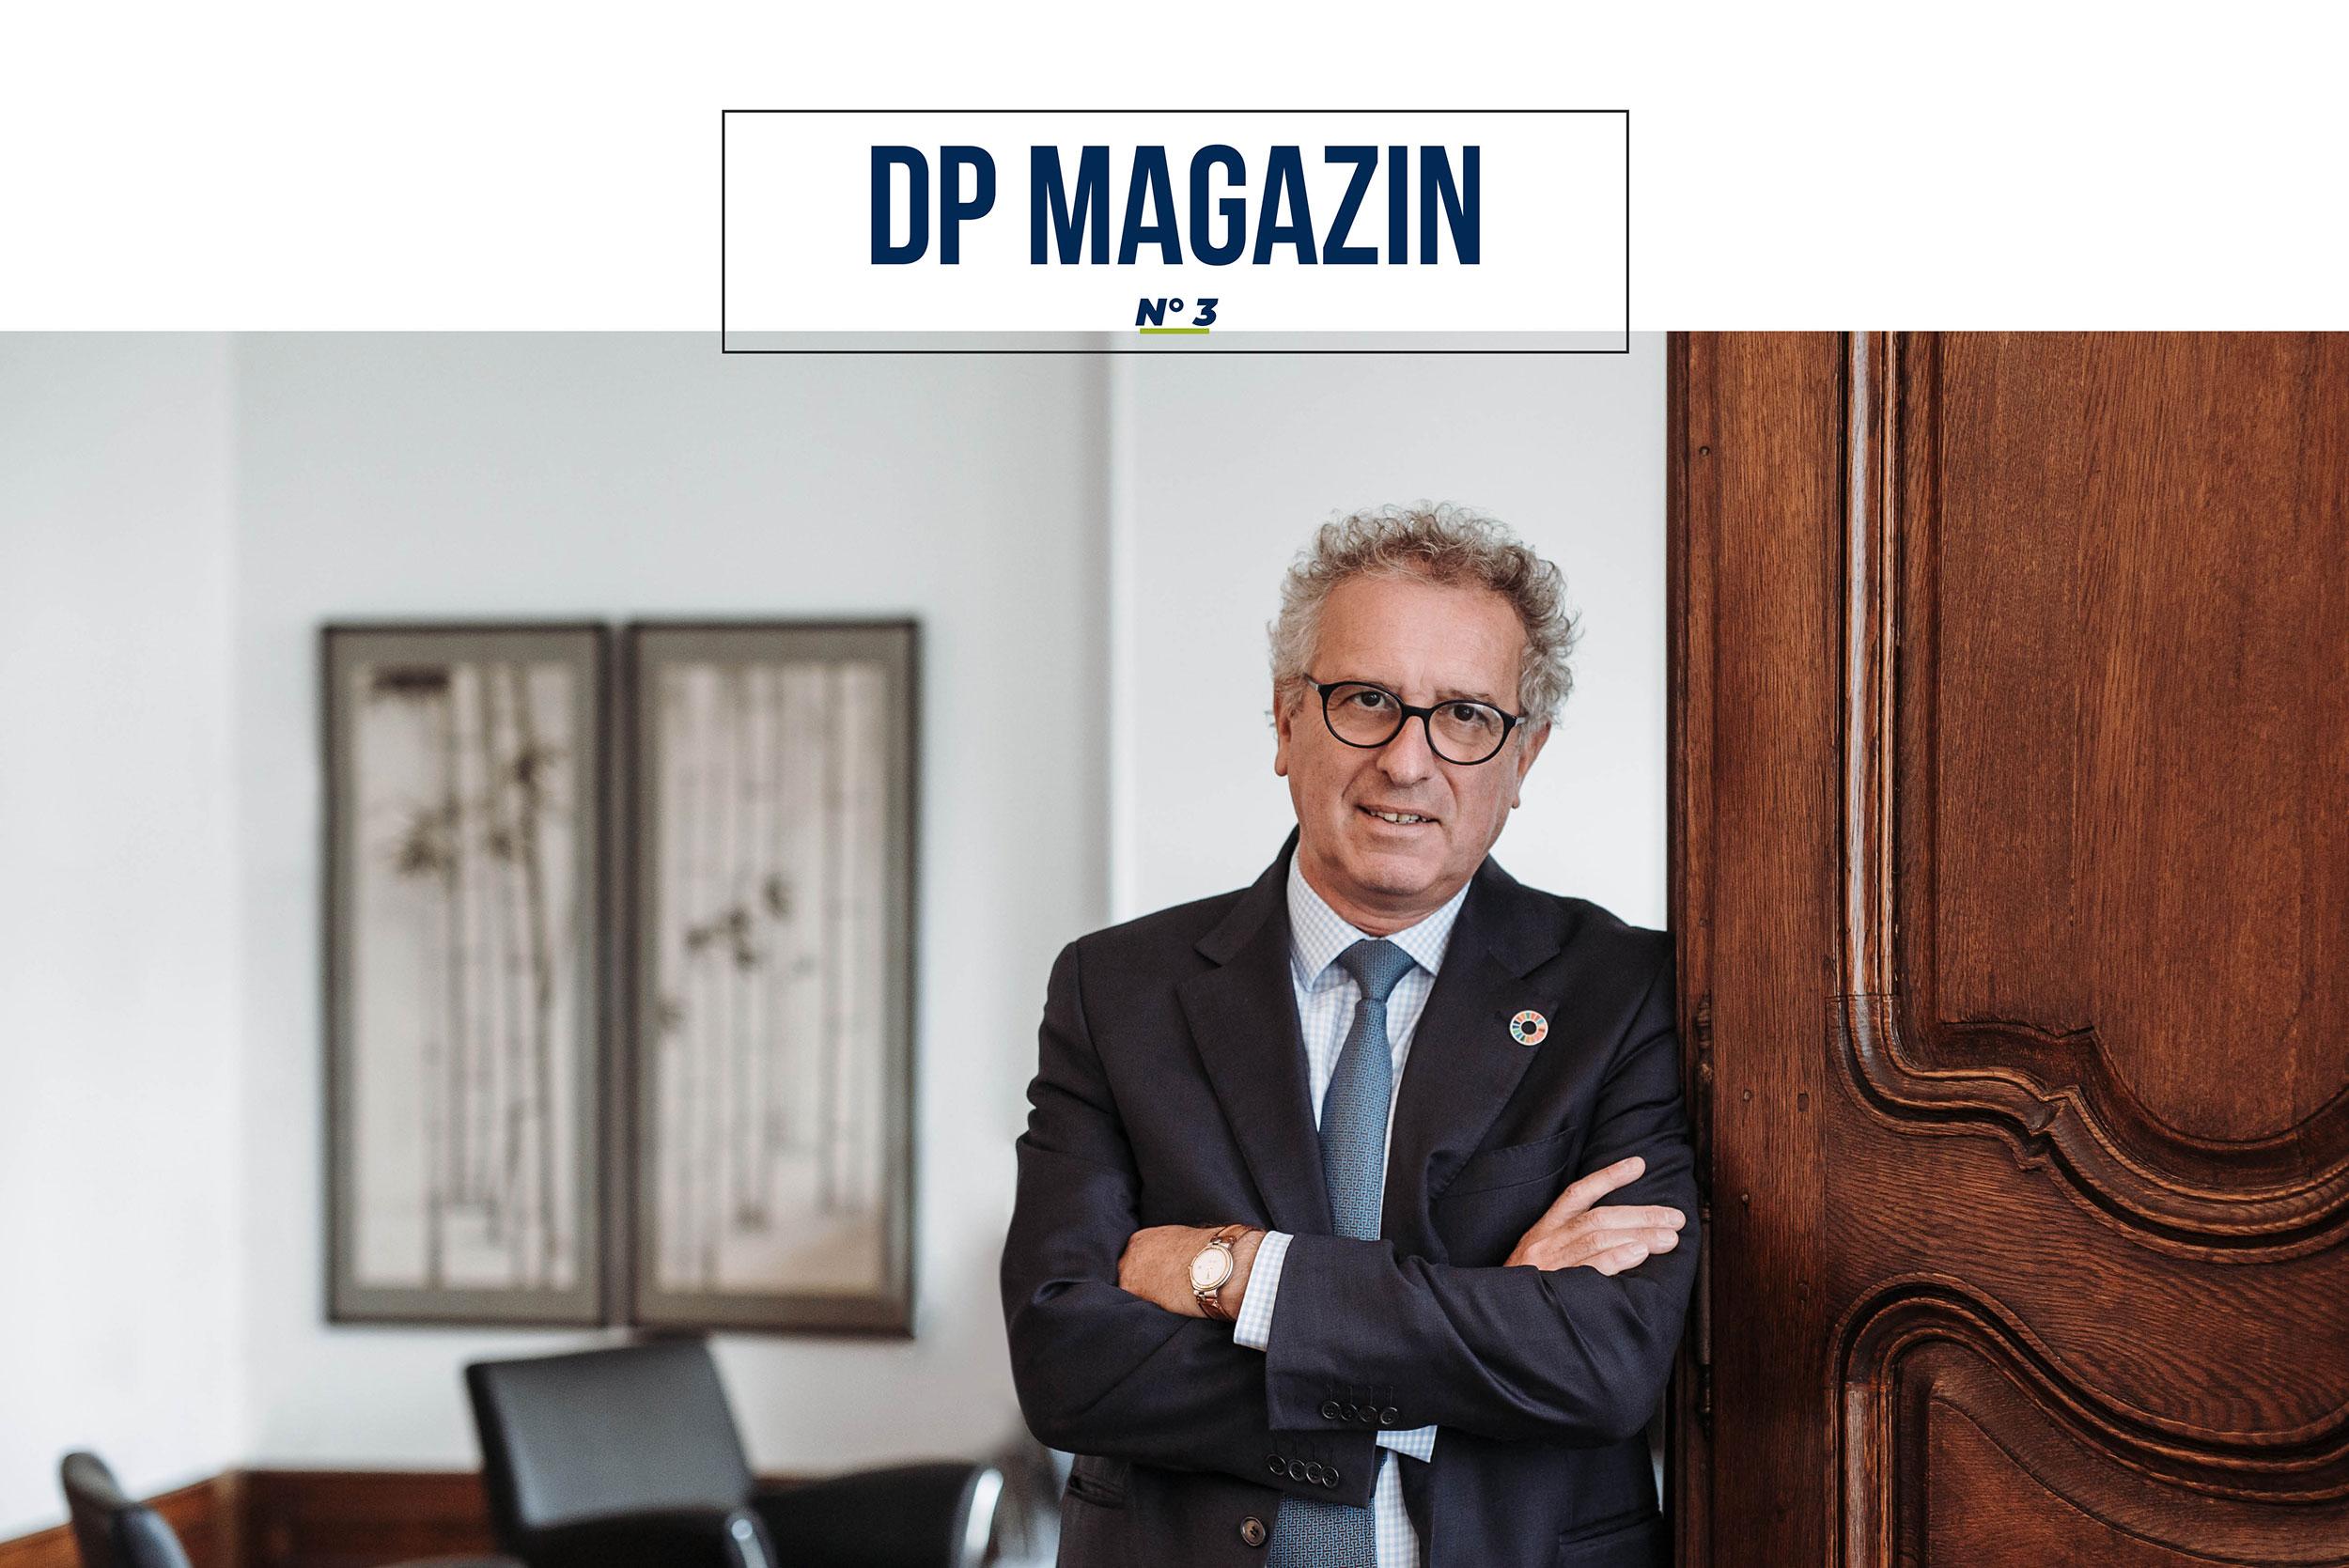 DP Magazin 3 Small